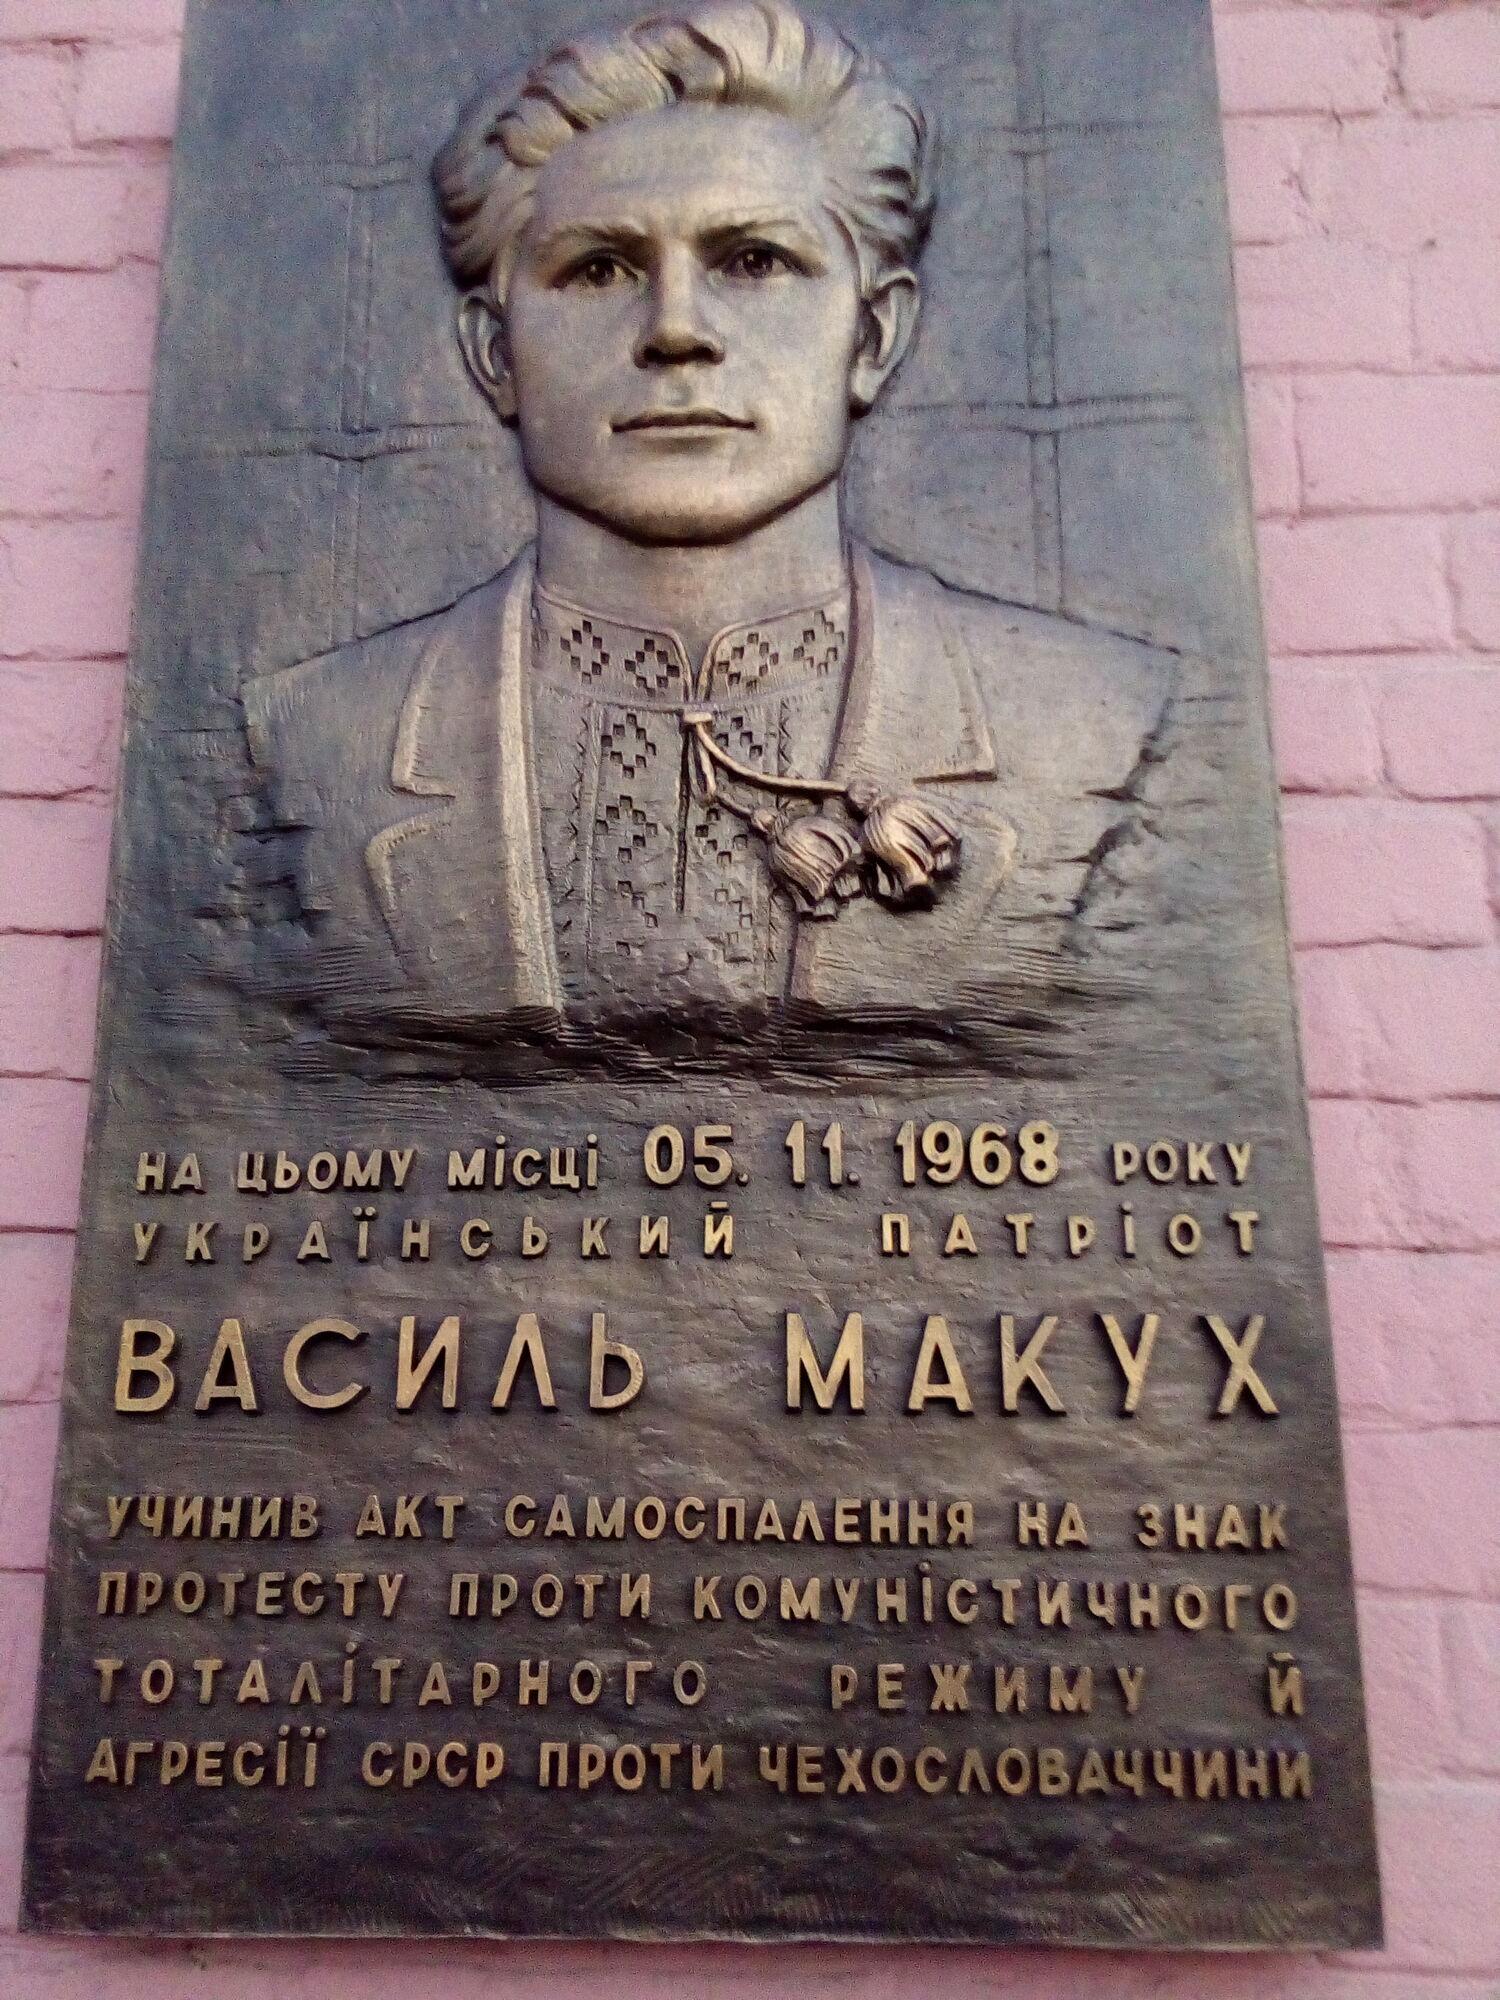 Мемориальная доска Василию Макуху в Киеве по улице Крещатик 27а